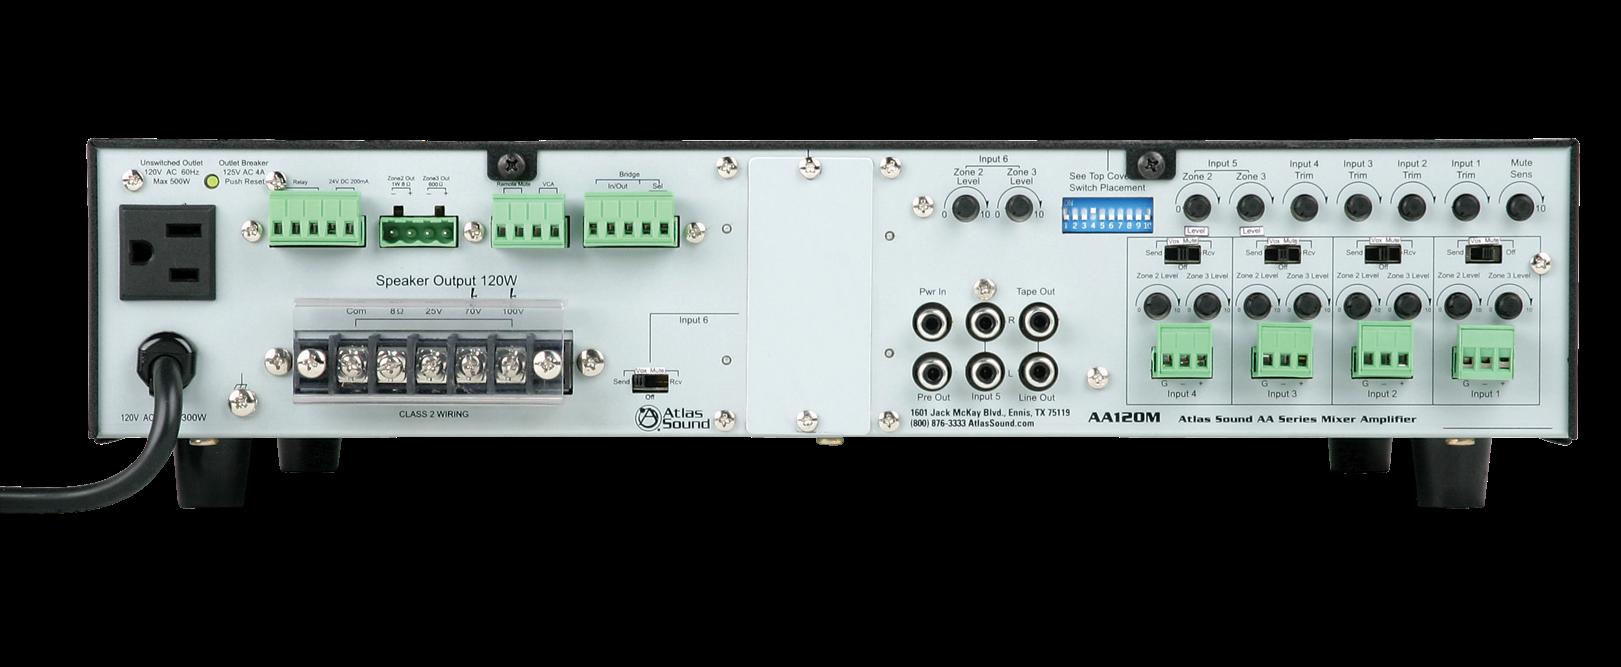 6 Input 120 Watt 25v 70v 100v 8 Mixer Amplifier With